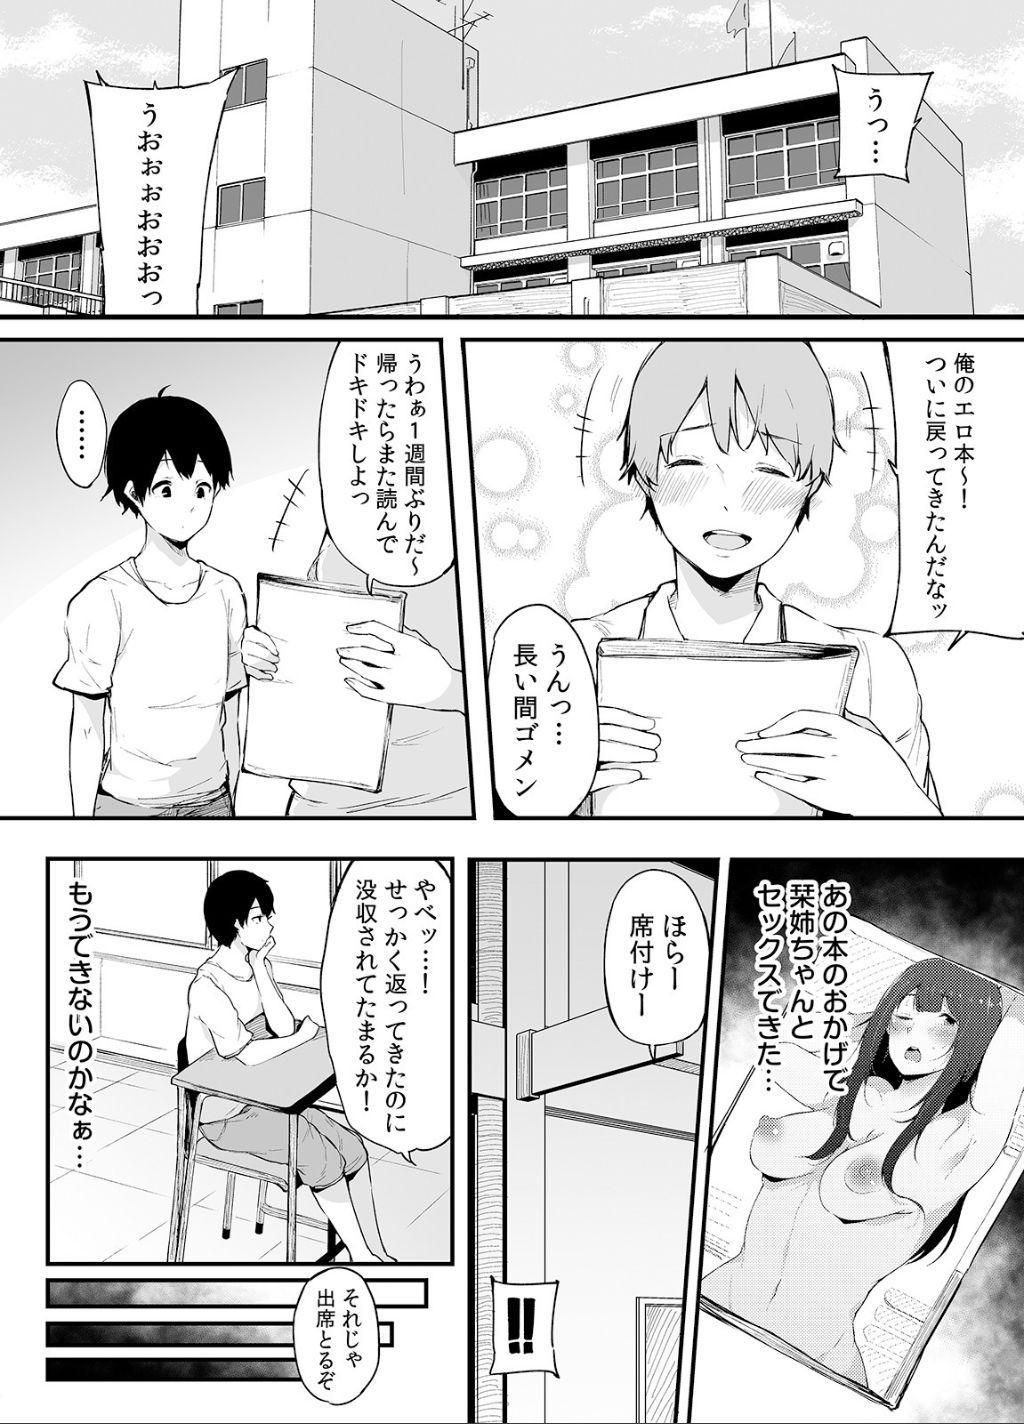 Otouto ni Ero Manga to Onaji Koto o Sare Chau o Nee-chan no Hanashi 2 3